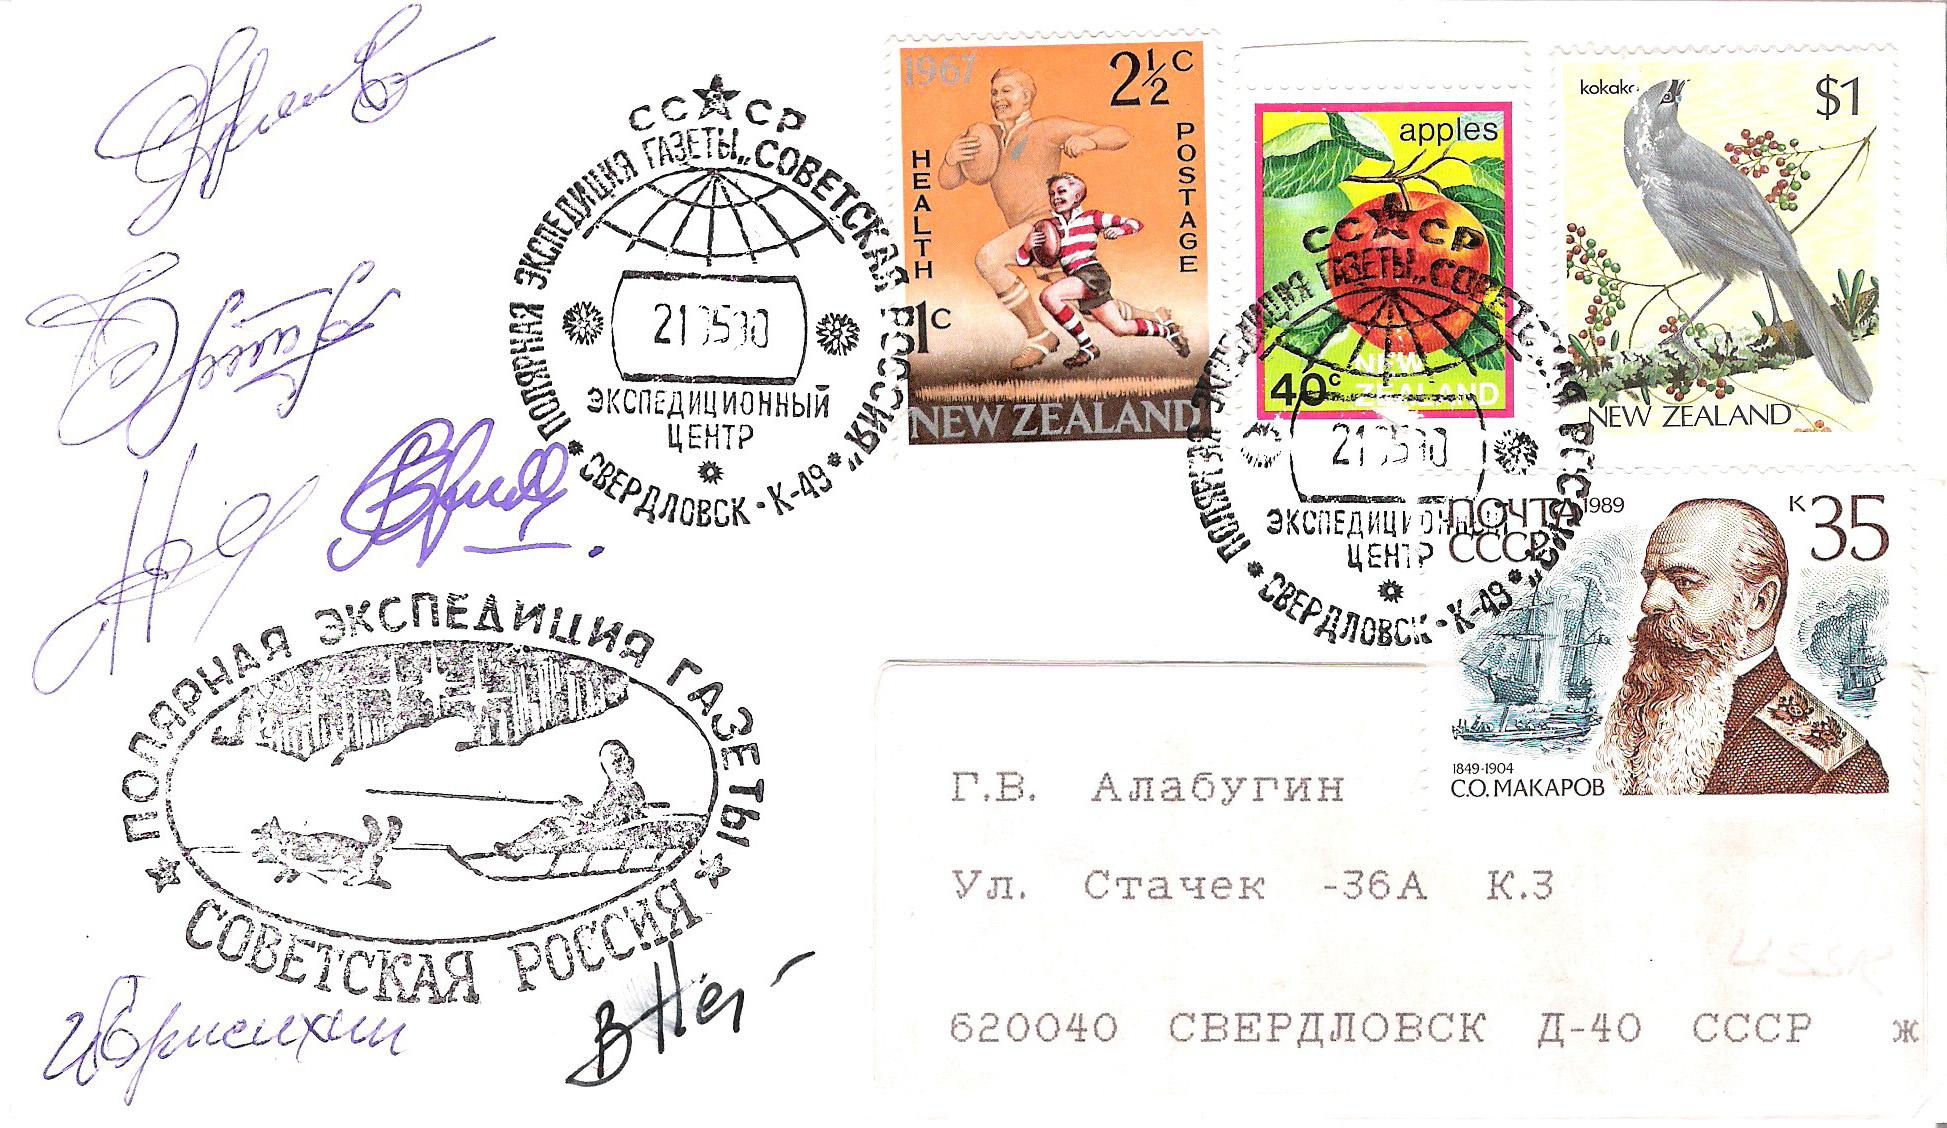 Polar Postal History Society of Great Britain